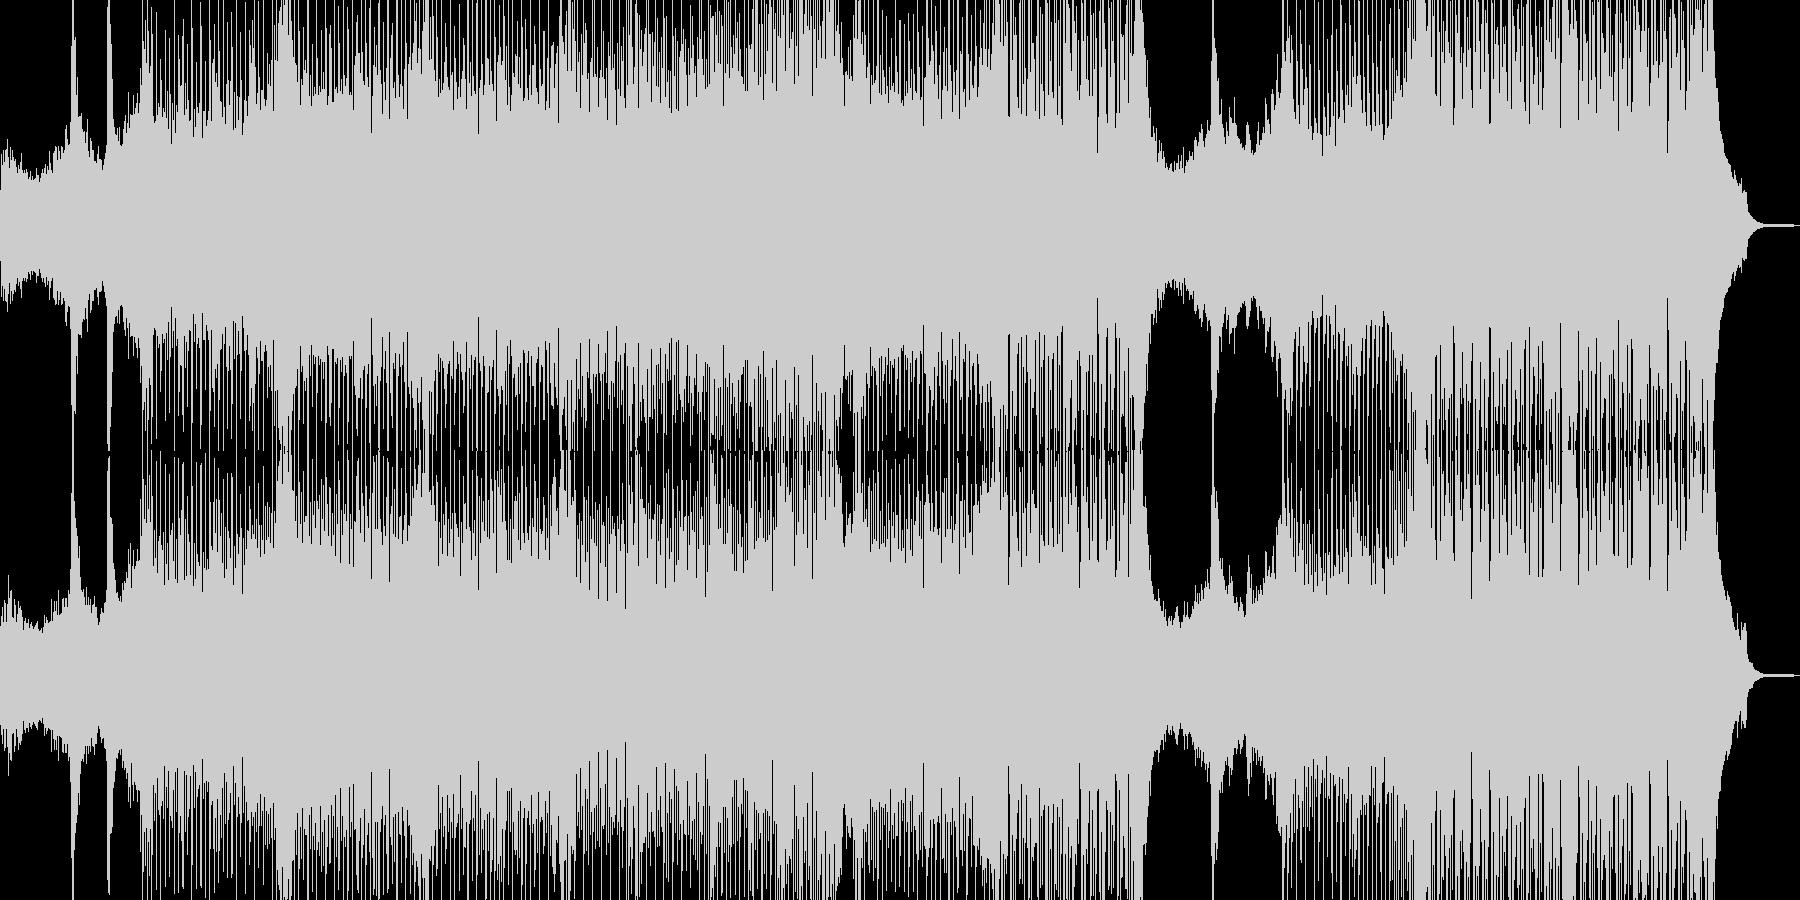 近未来を思い描いたテクノポップ Bの未再生の波形